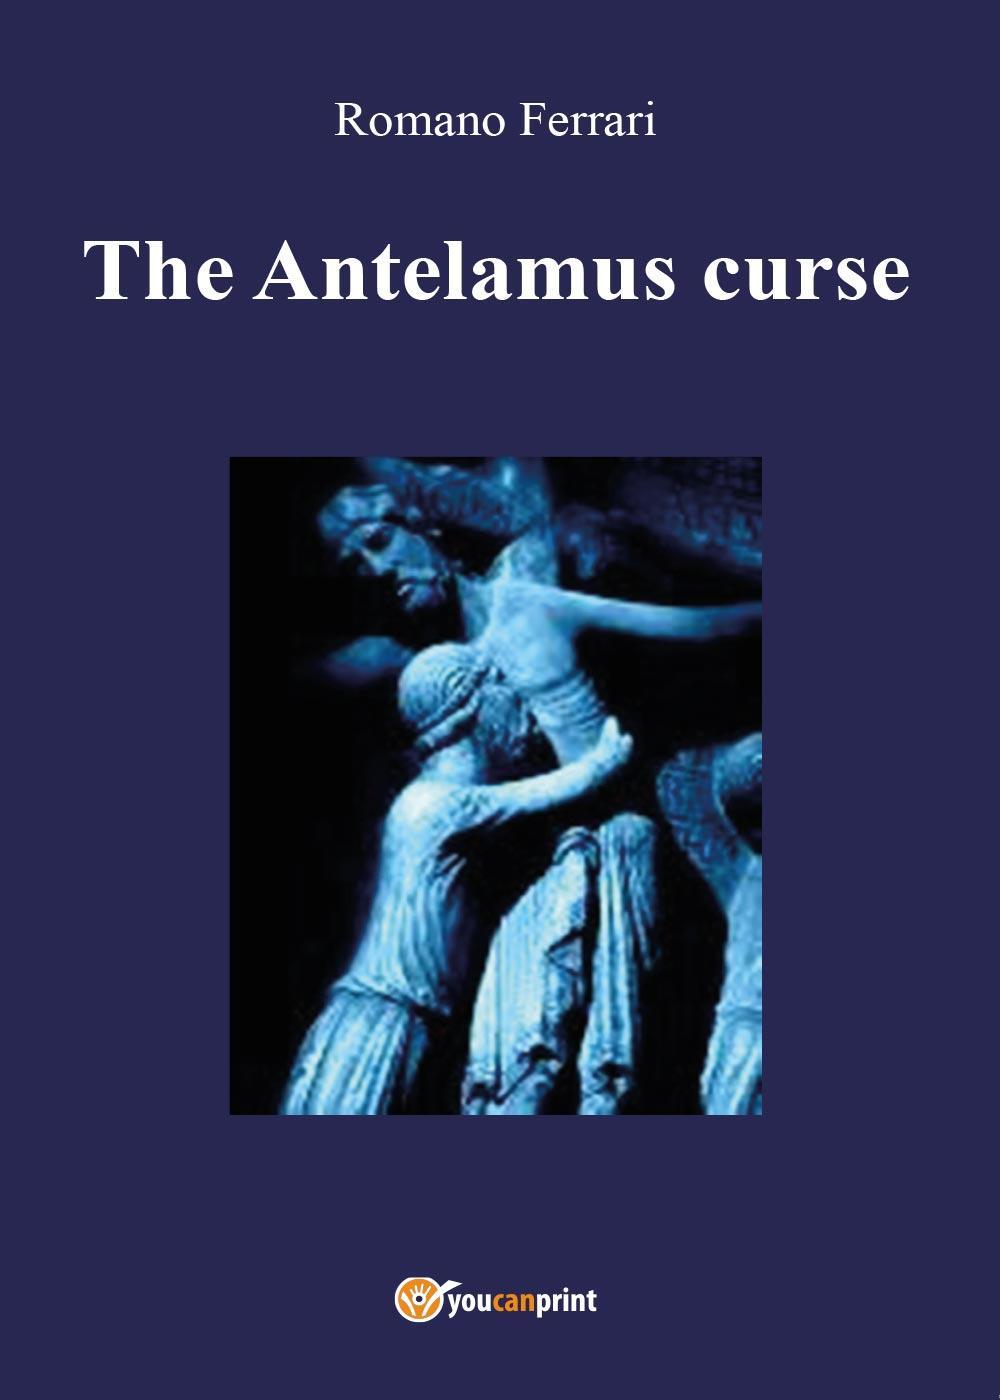 The Antelamus curse